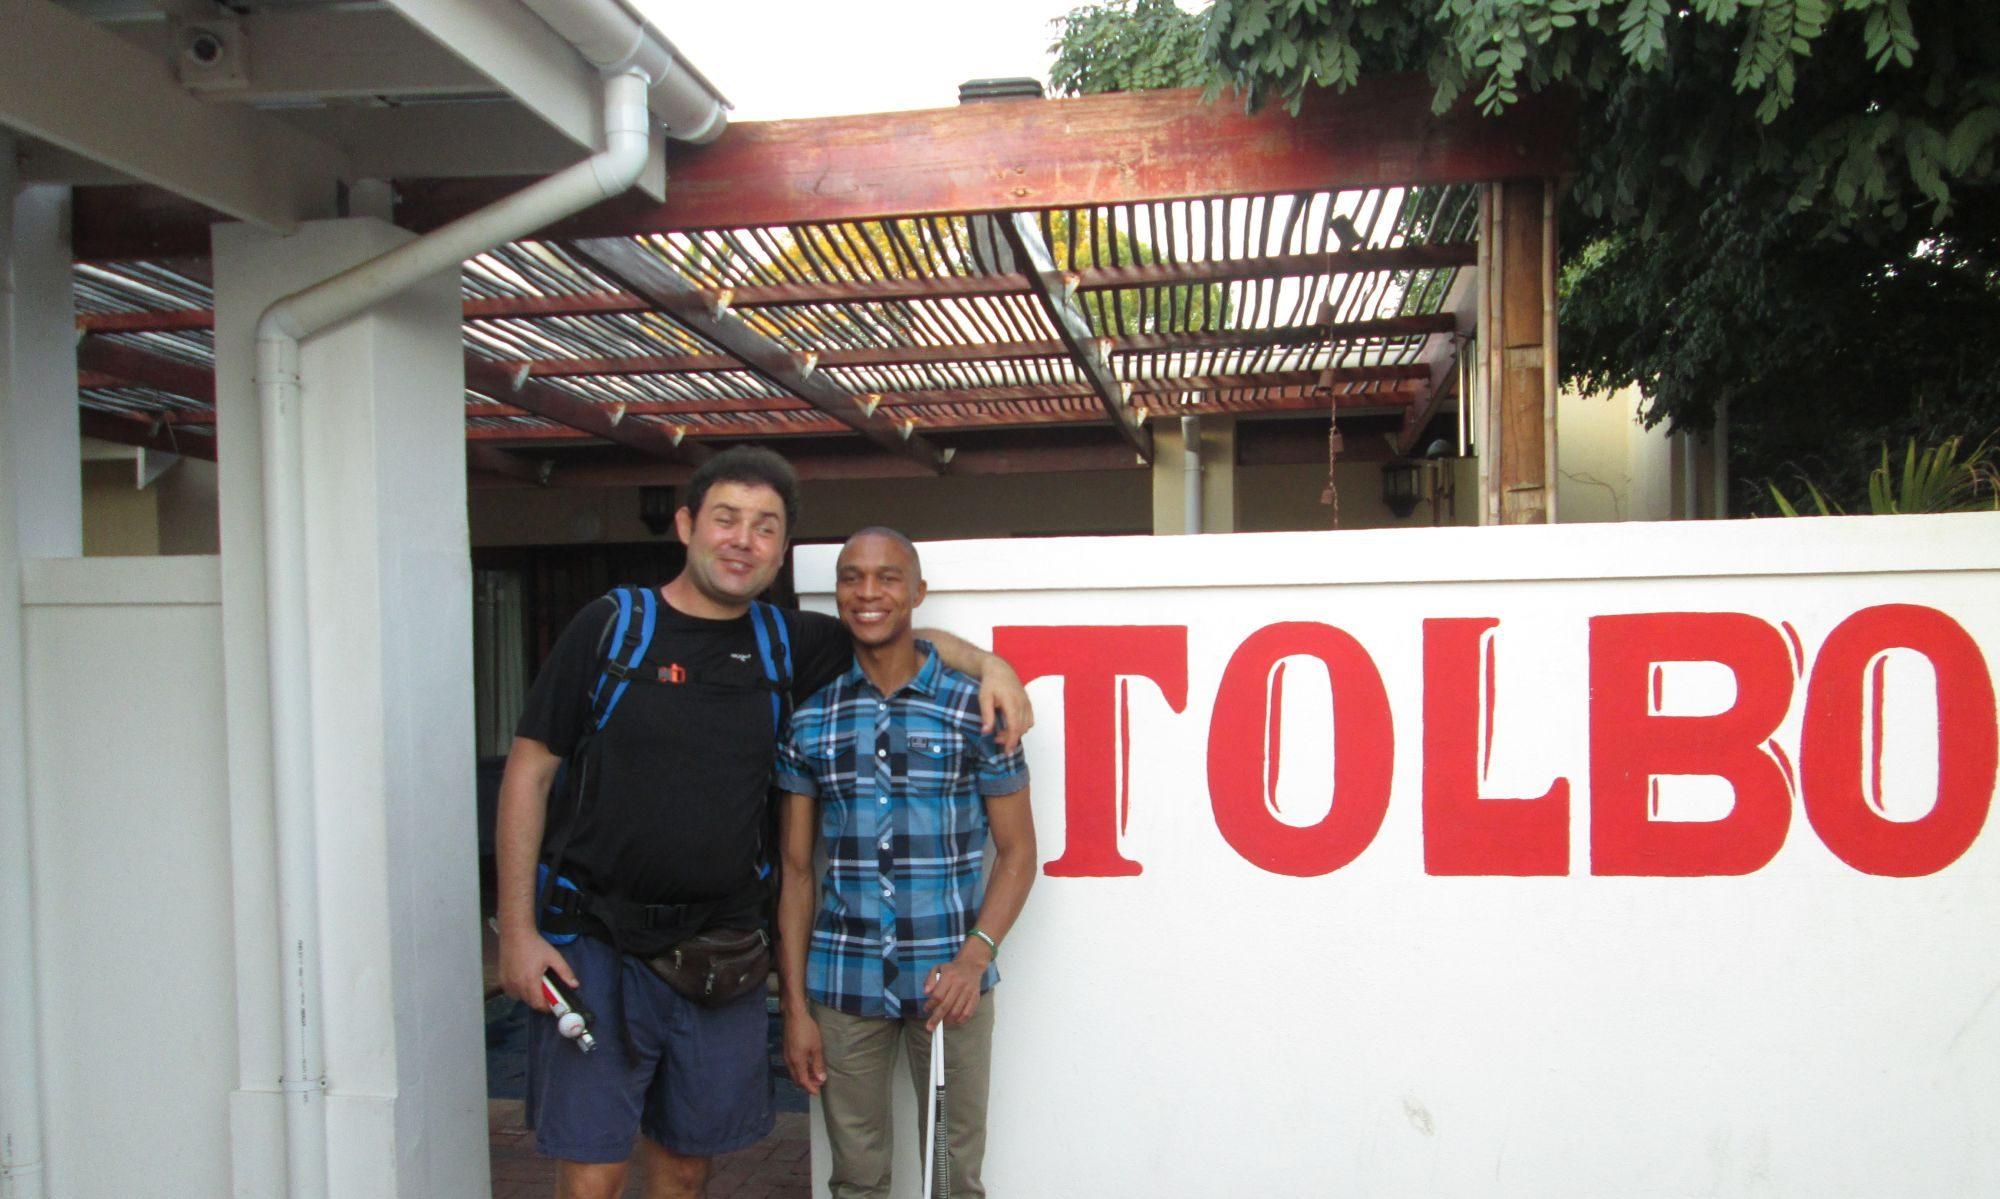 Tolbos Backpackers